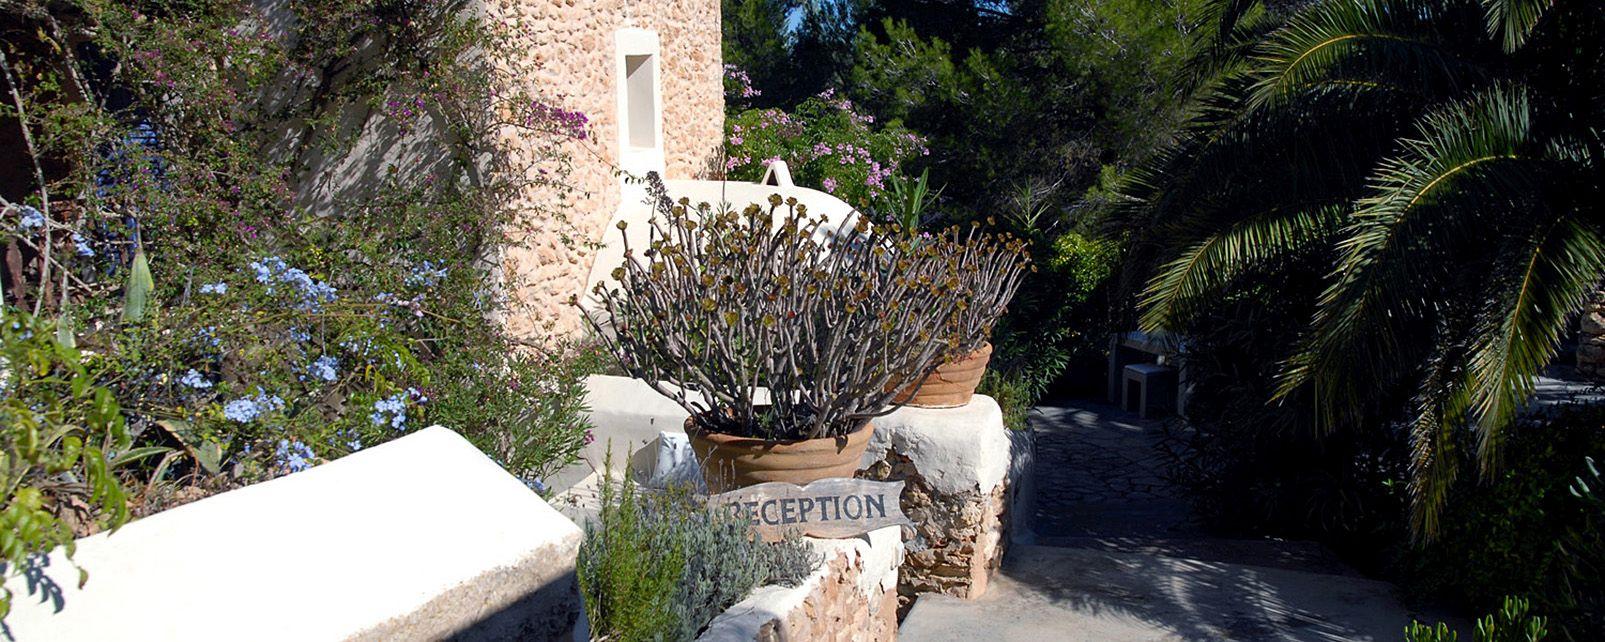 Hôtel Los Jardines de Palerm